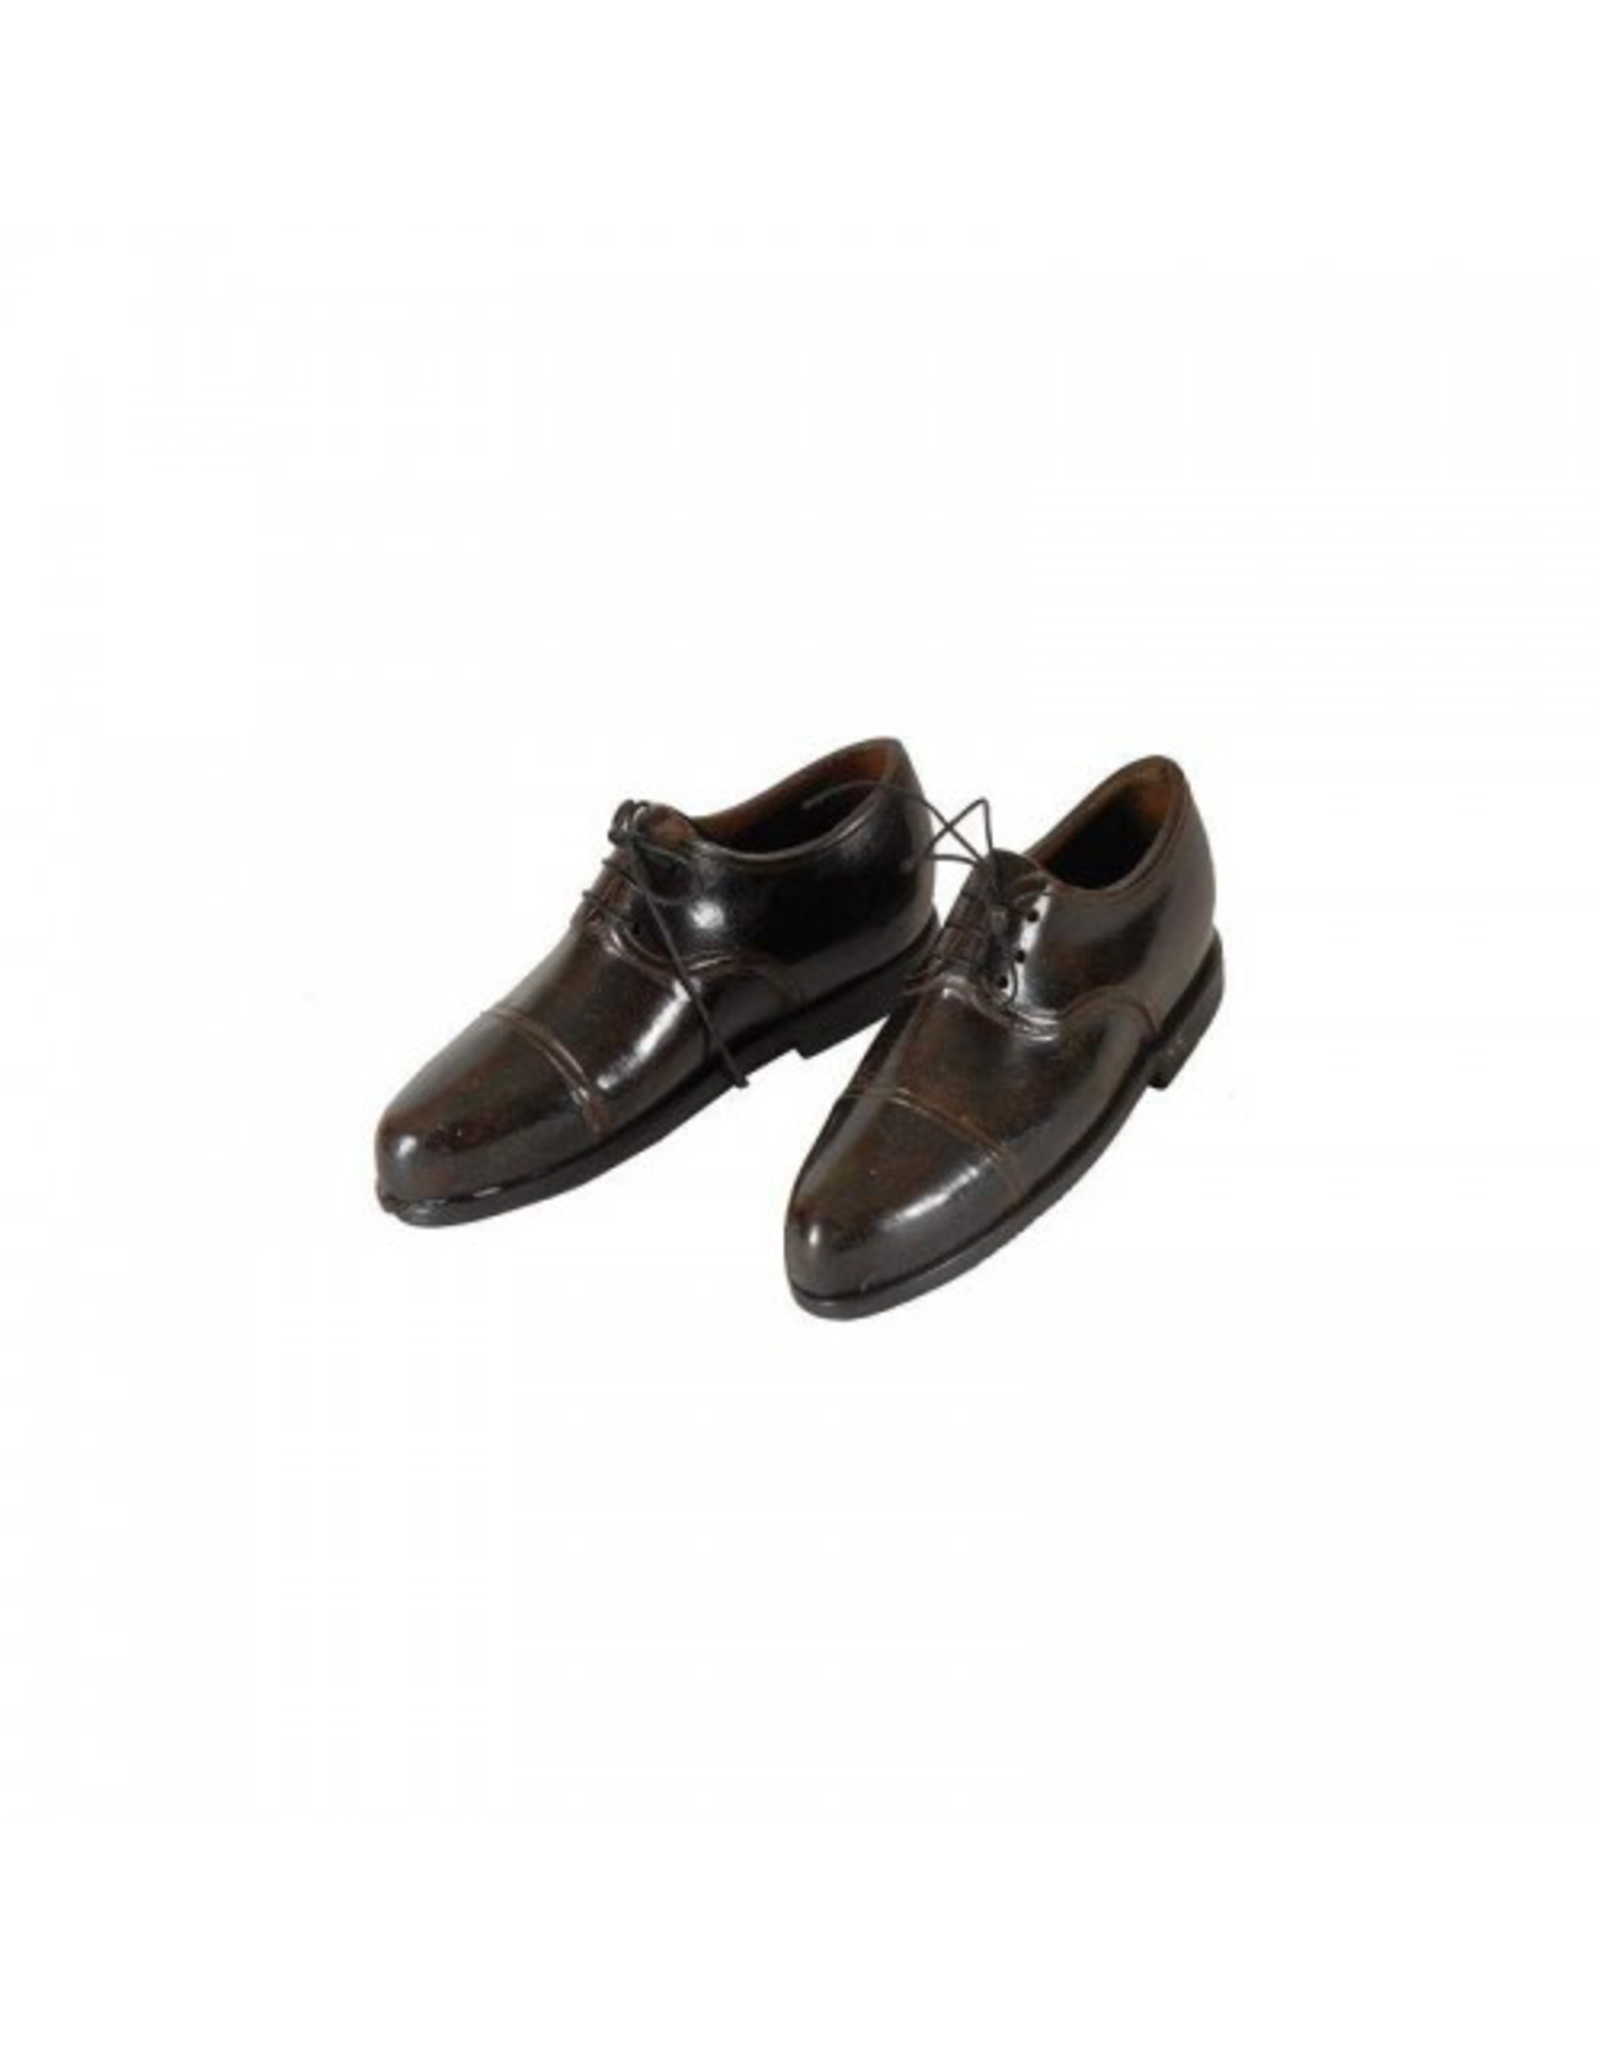 ANTIC LINE Decorative shoes pair